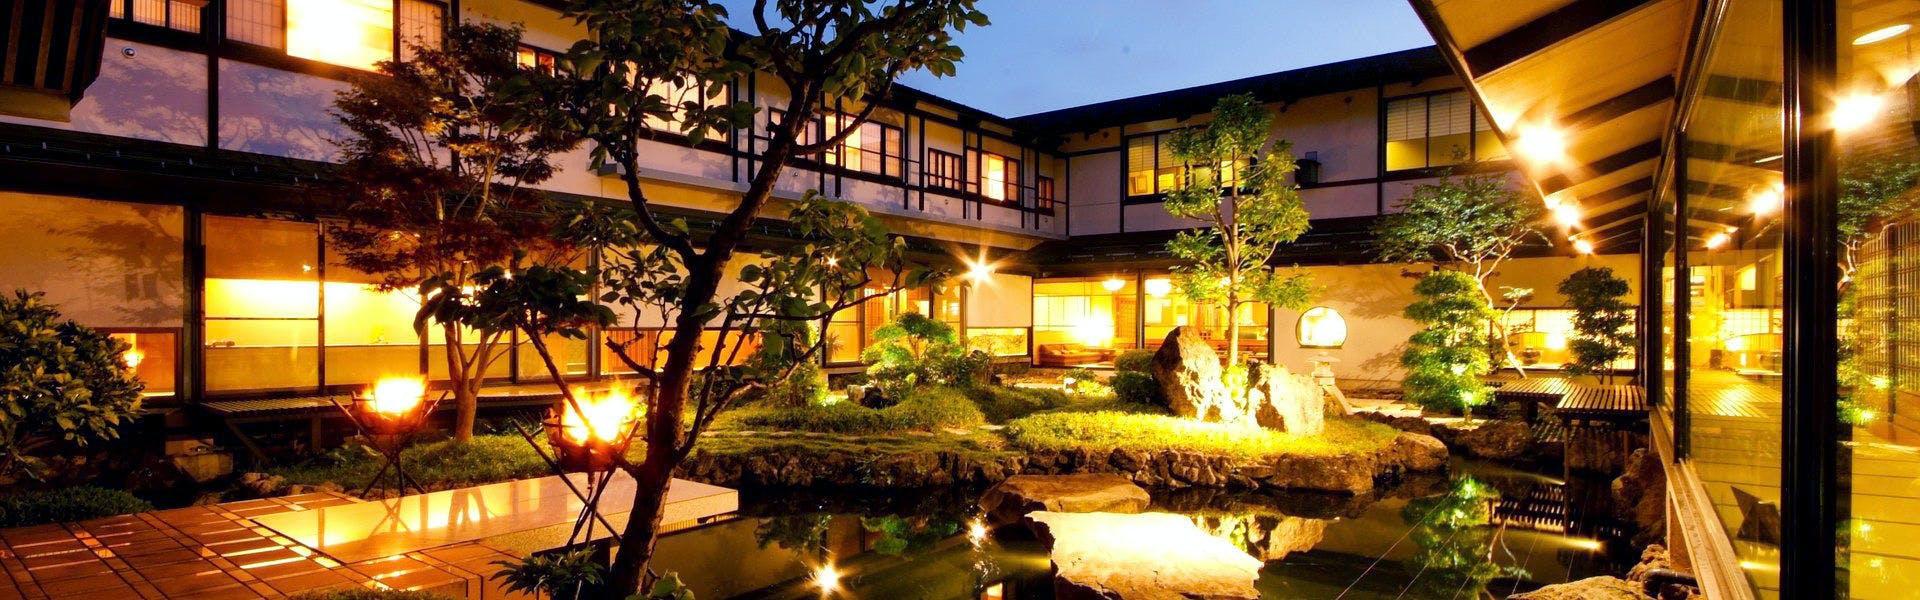 記念日におすすめのホテル・城崎温泉 かがり火の宿 大西屋水翔苑の写真1